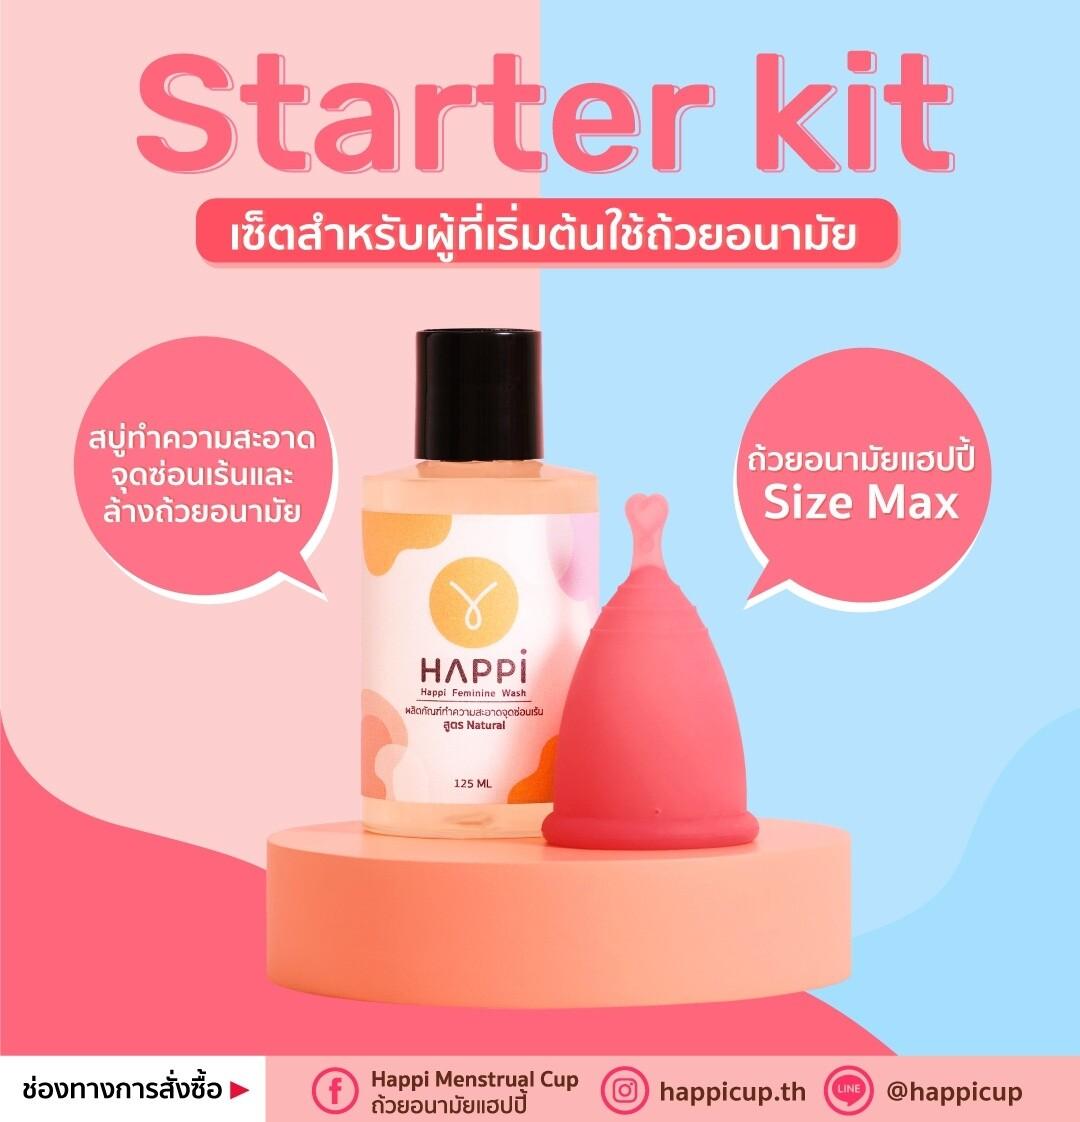 HappiCup Starter Kit size Max (เซ็ตเริ่มต้น ไซส์ Max) มีถ้วยอนามัยแฮปปี้แบบ Max 1 ชิ้น + สบู่ 1 ขวด